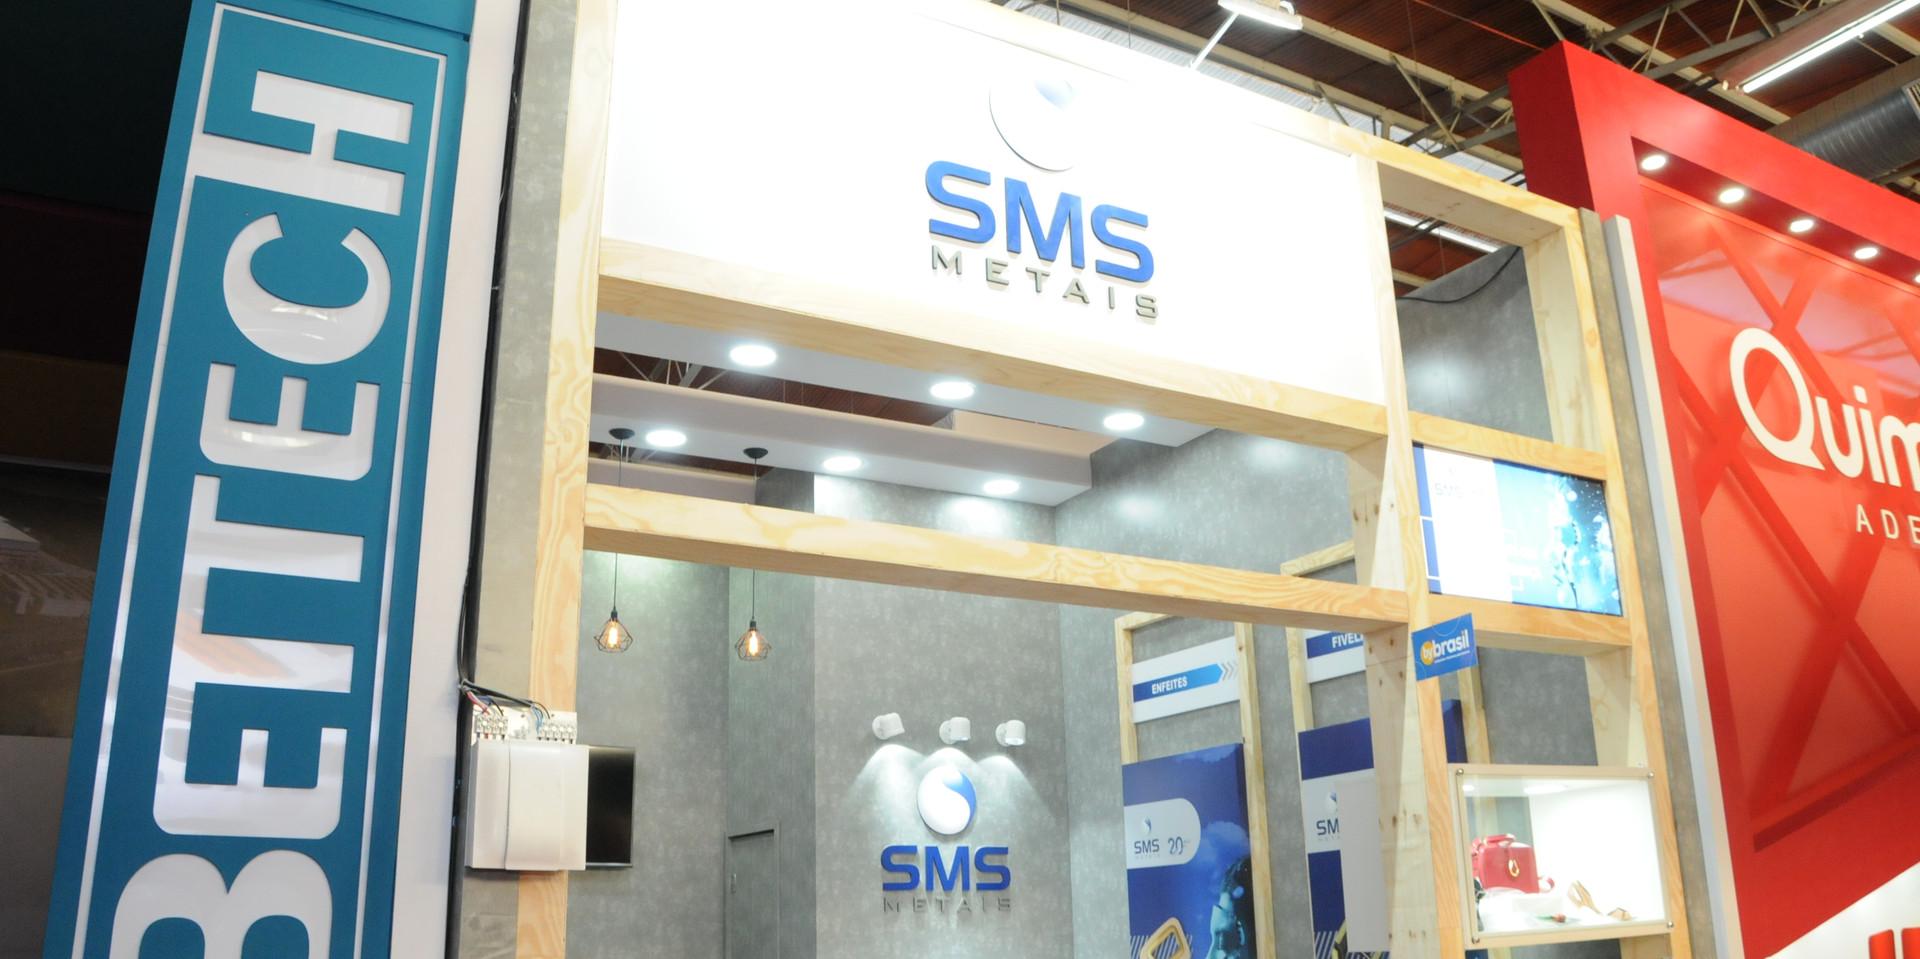 SMS_Metais_(1)[1].JPG